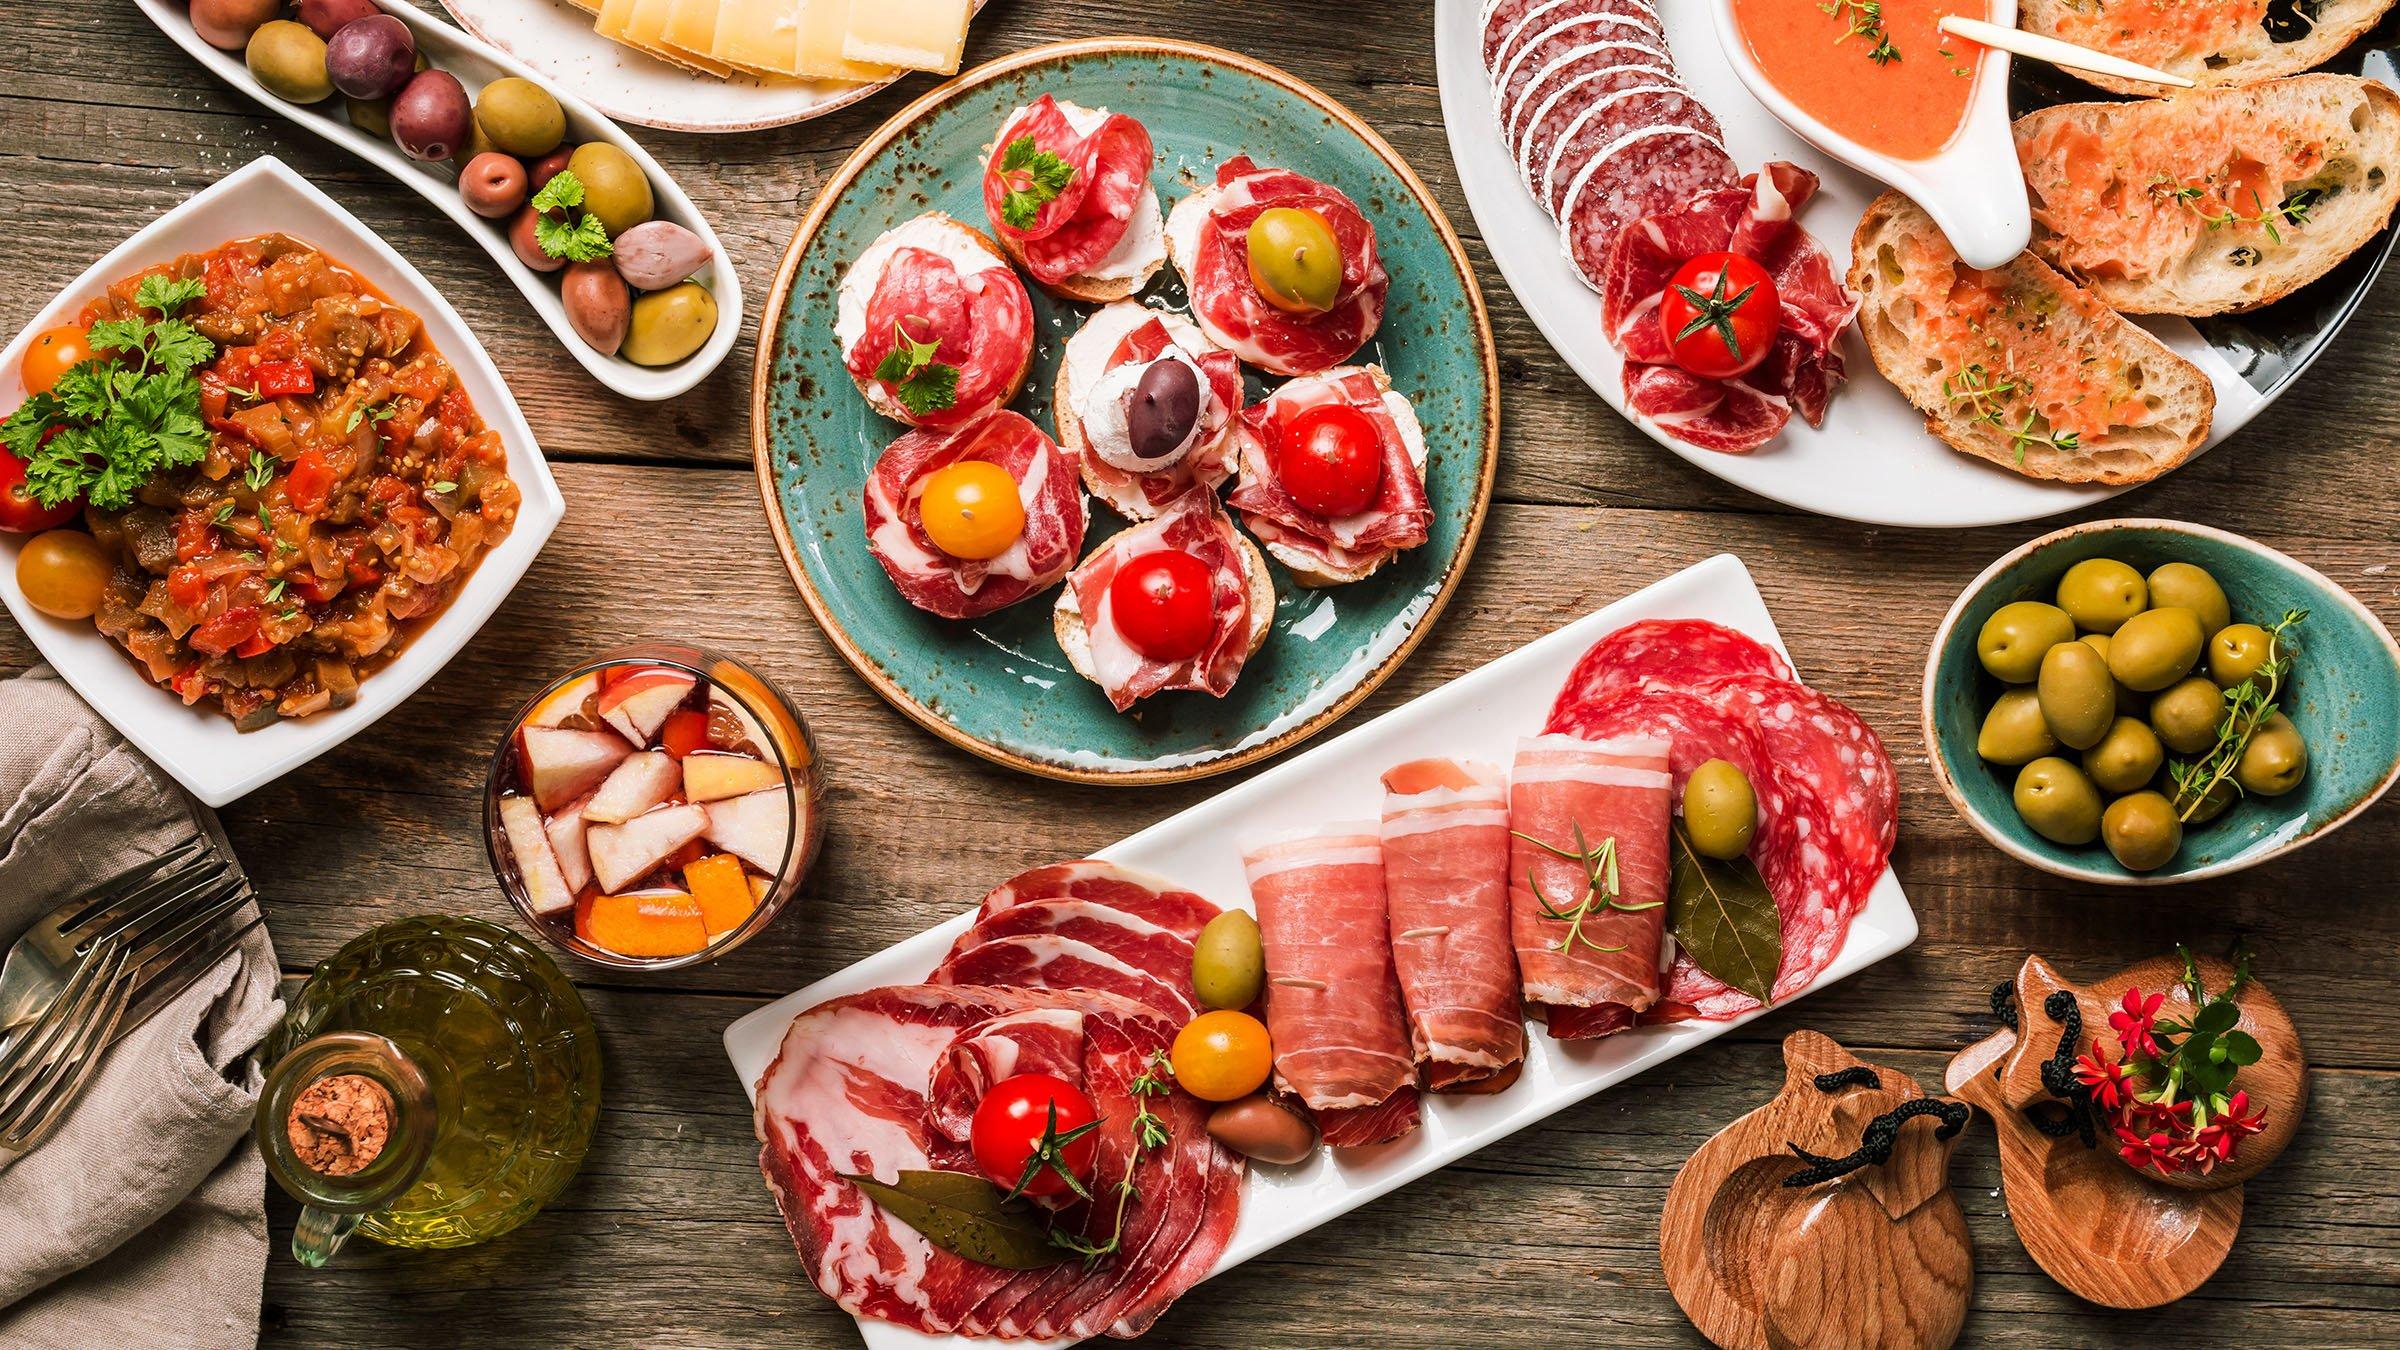 Los ingredientes b sicos de la gastronom a espa ola for Cocina tradicional espanola